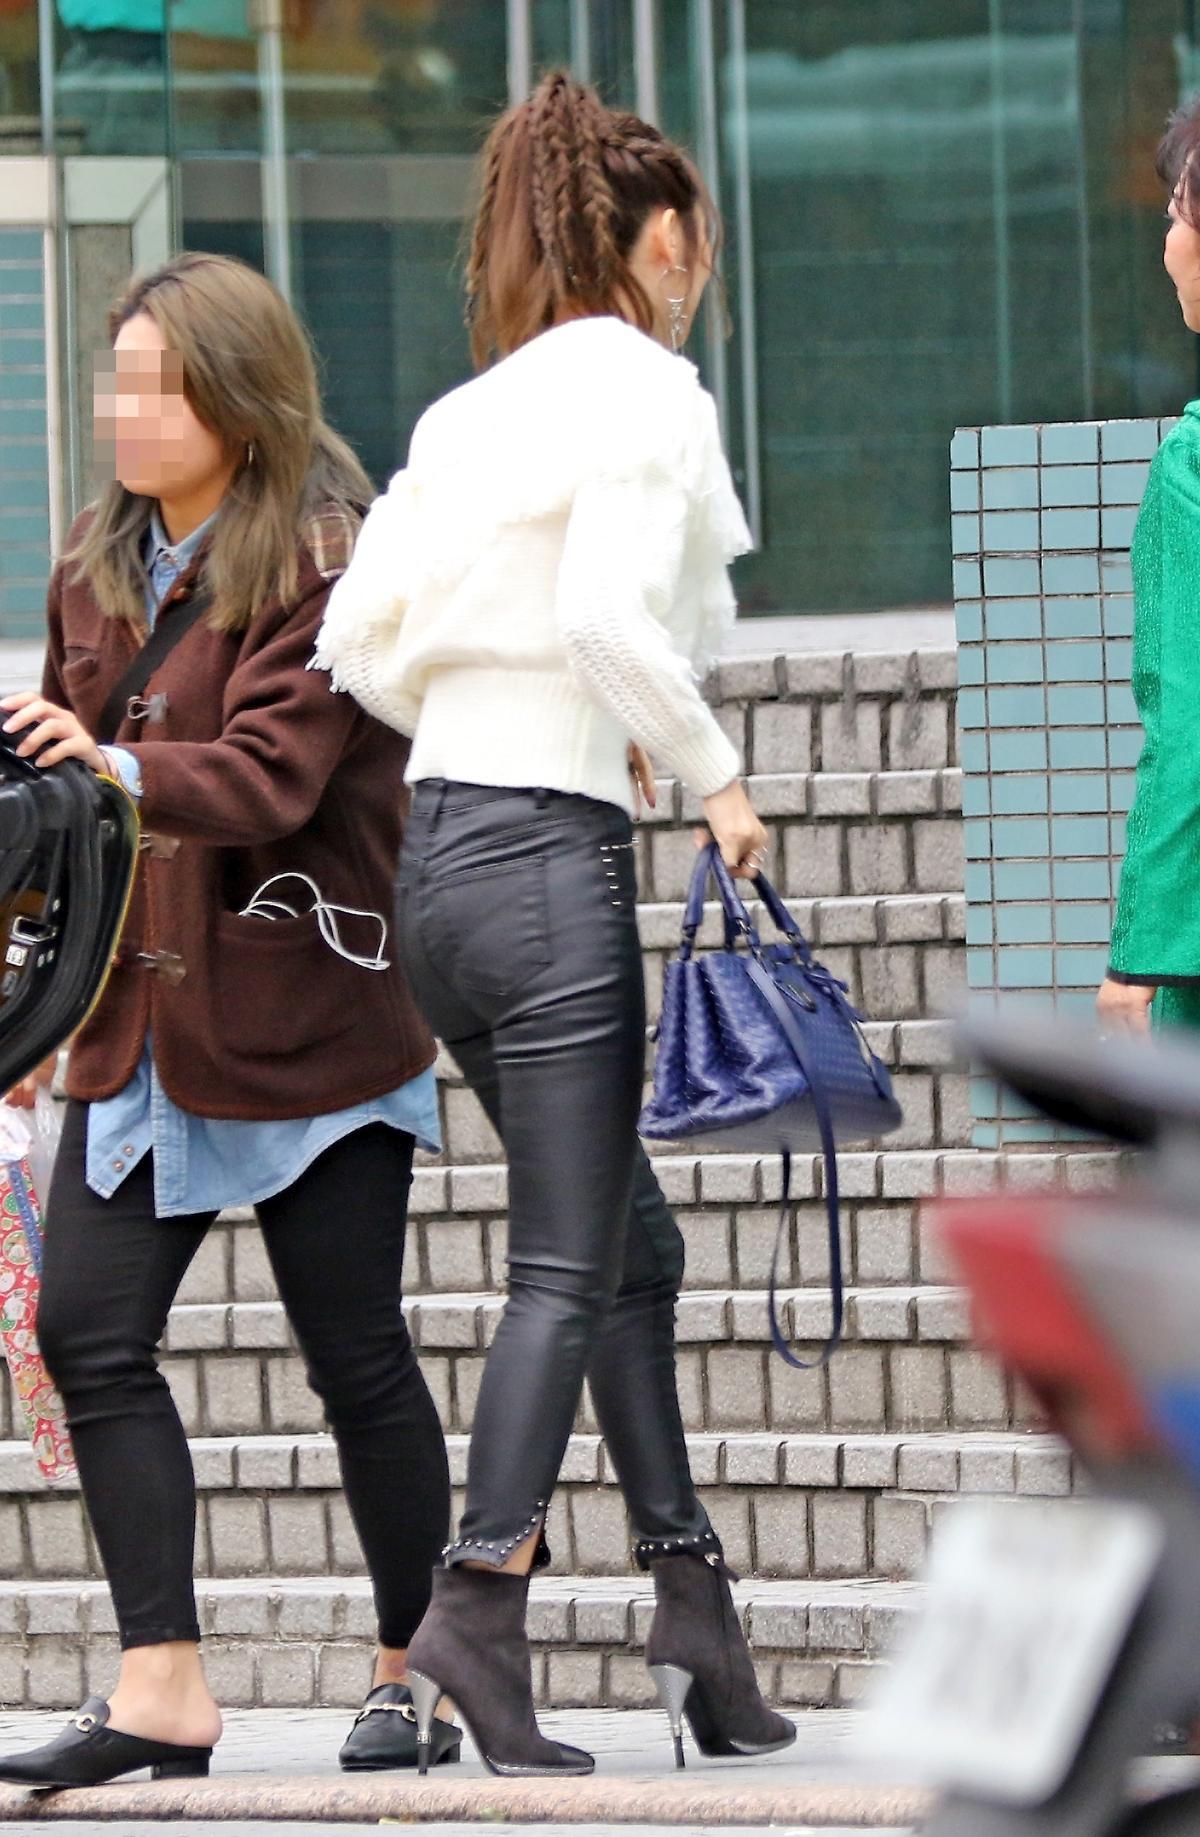 日前曾莞婷帶媽媽到電視台錄影,手上包包換成13萬元的BV包。